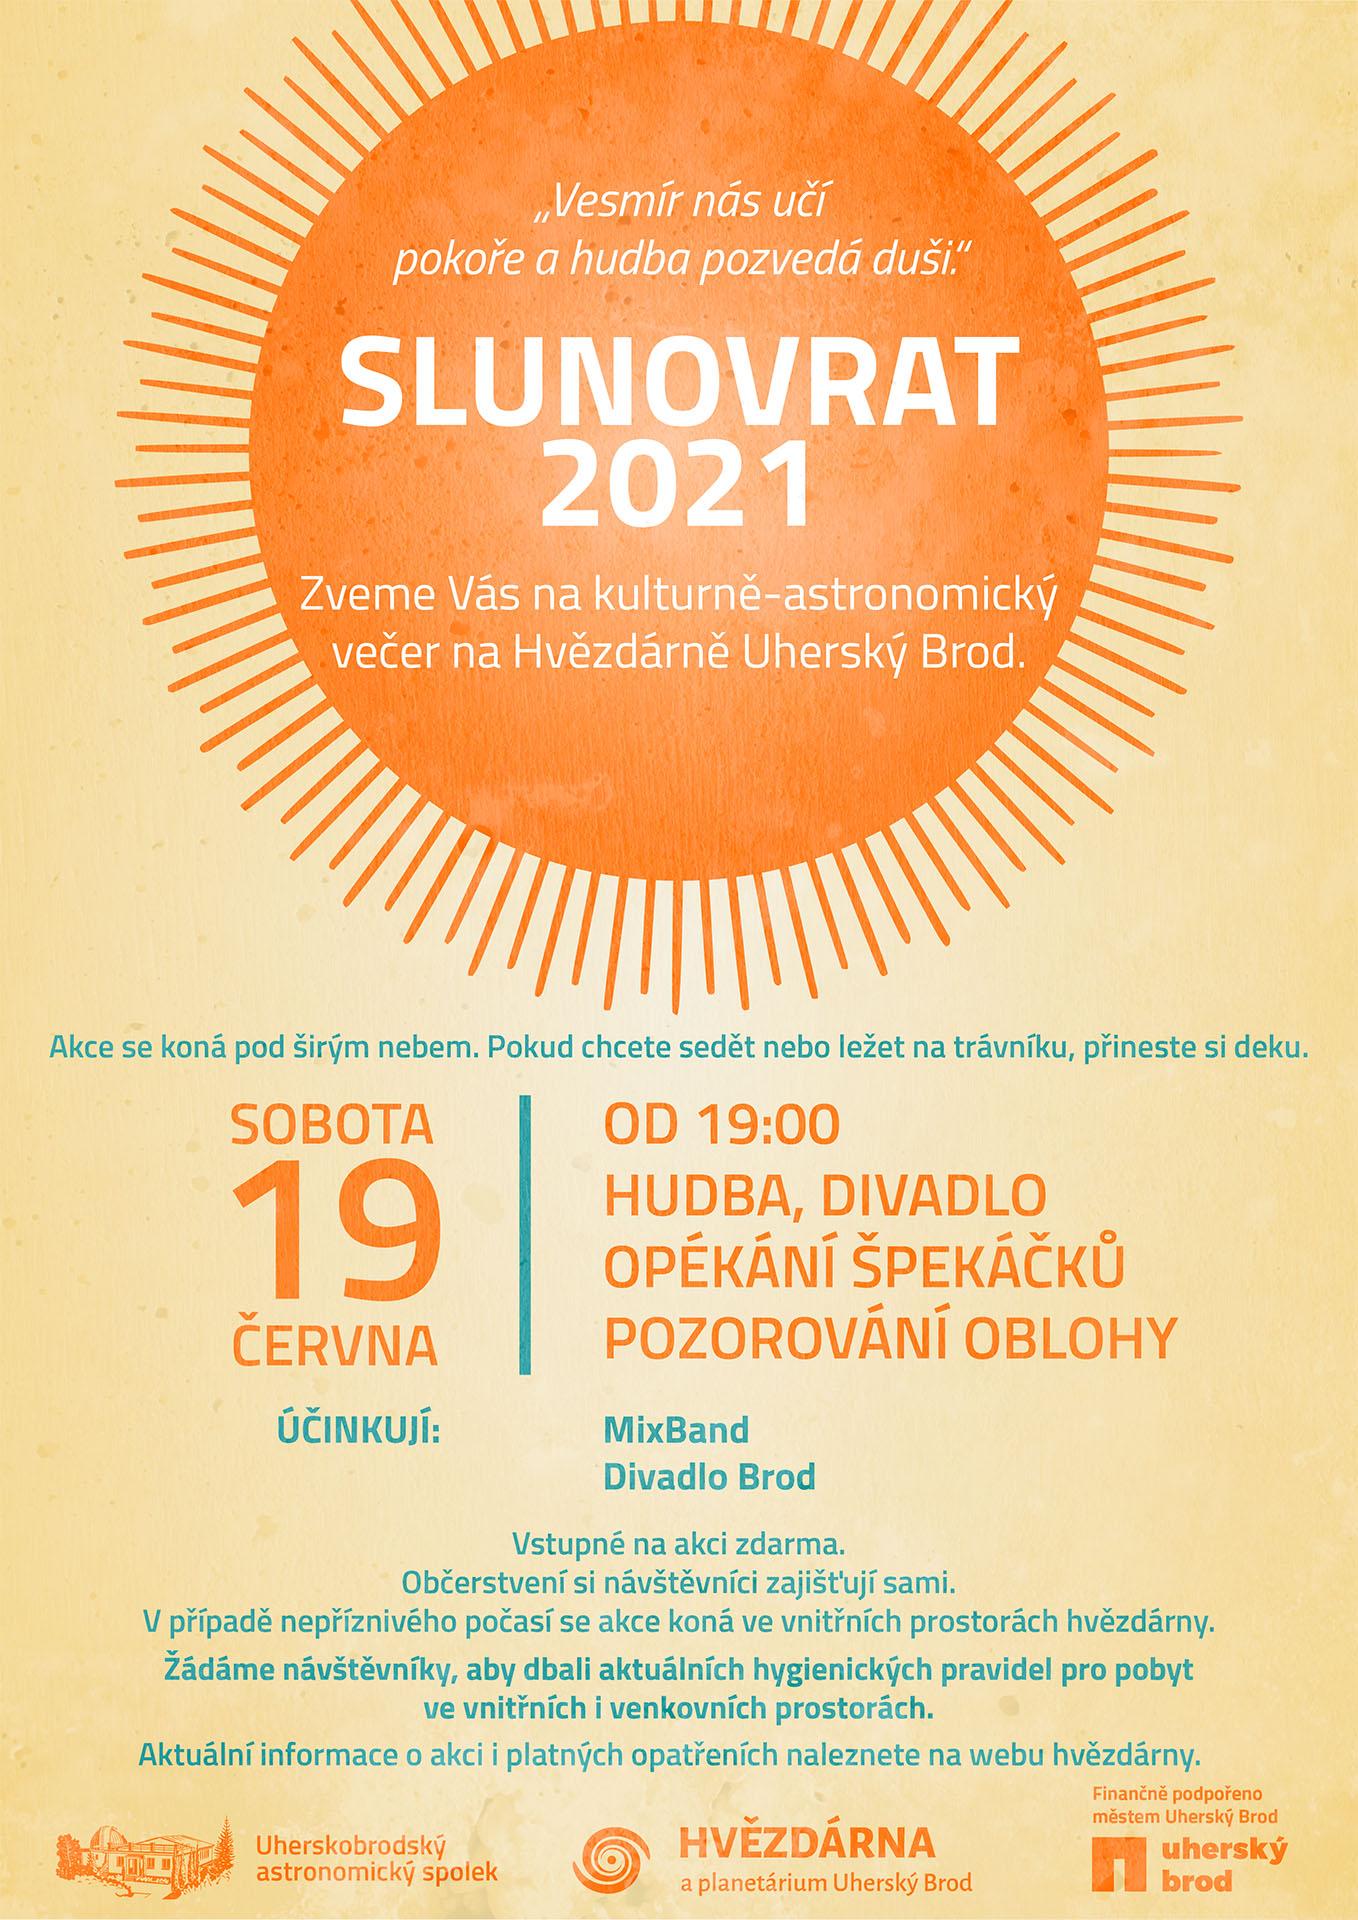 Slunovrat 2021